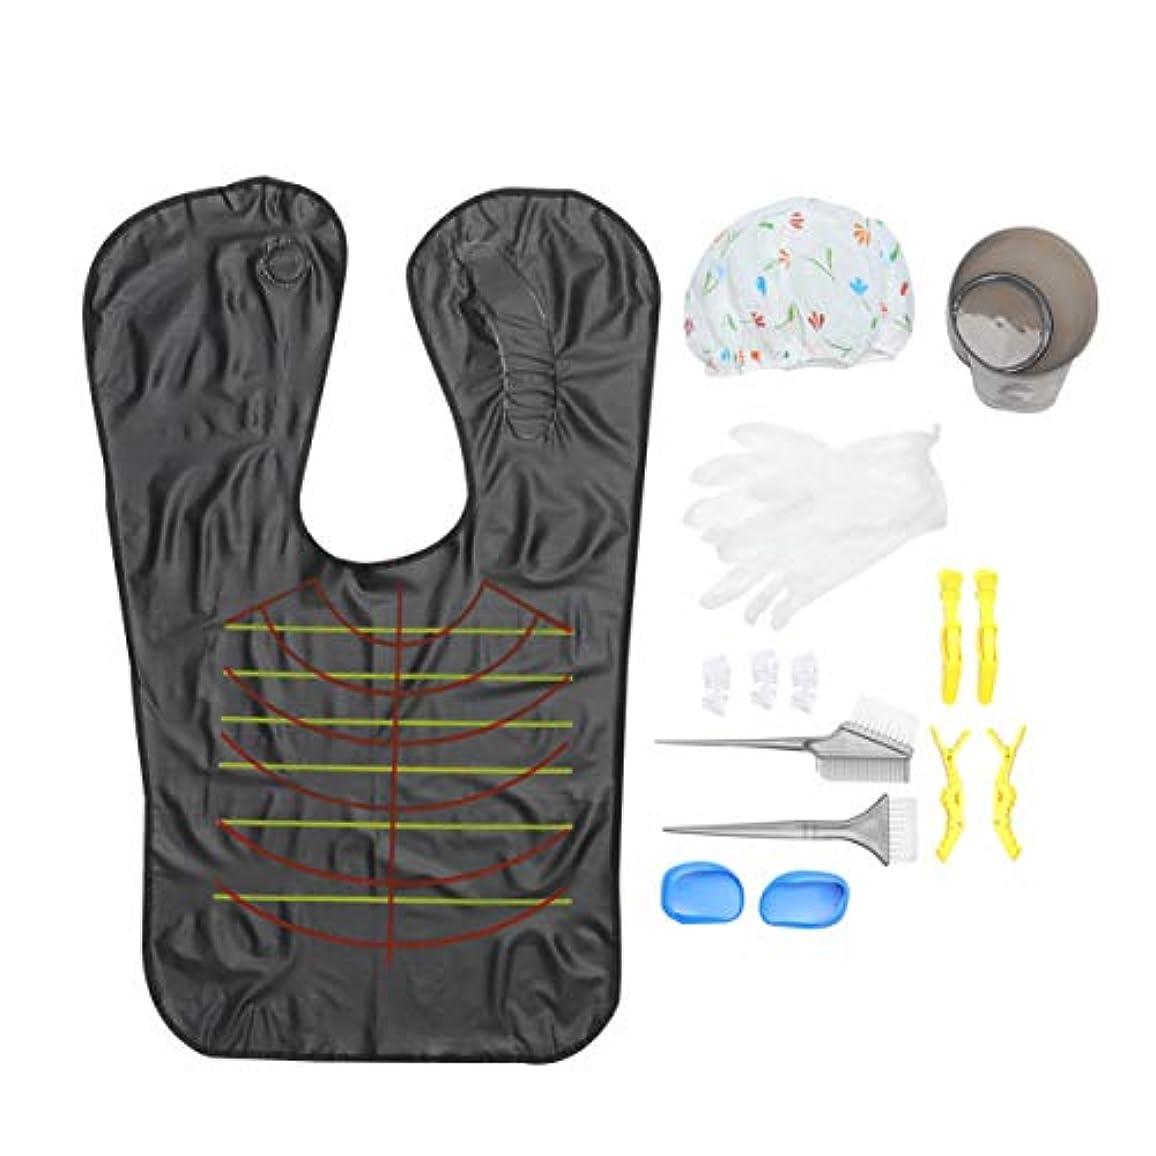 臨検葉巻小康Minkissy ヘアダイキットミキシングボウルコームブラシイヤーキャップ手袋ケープシャワーキャップ着色ツール使い捨て1セット